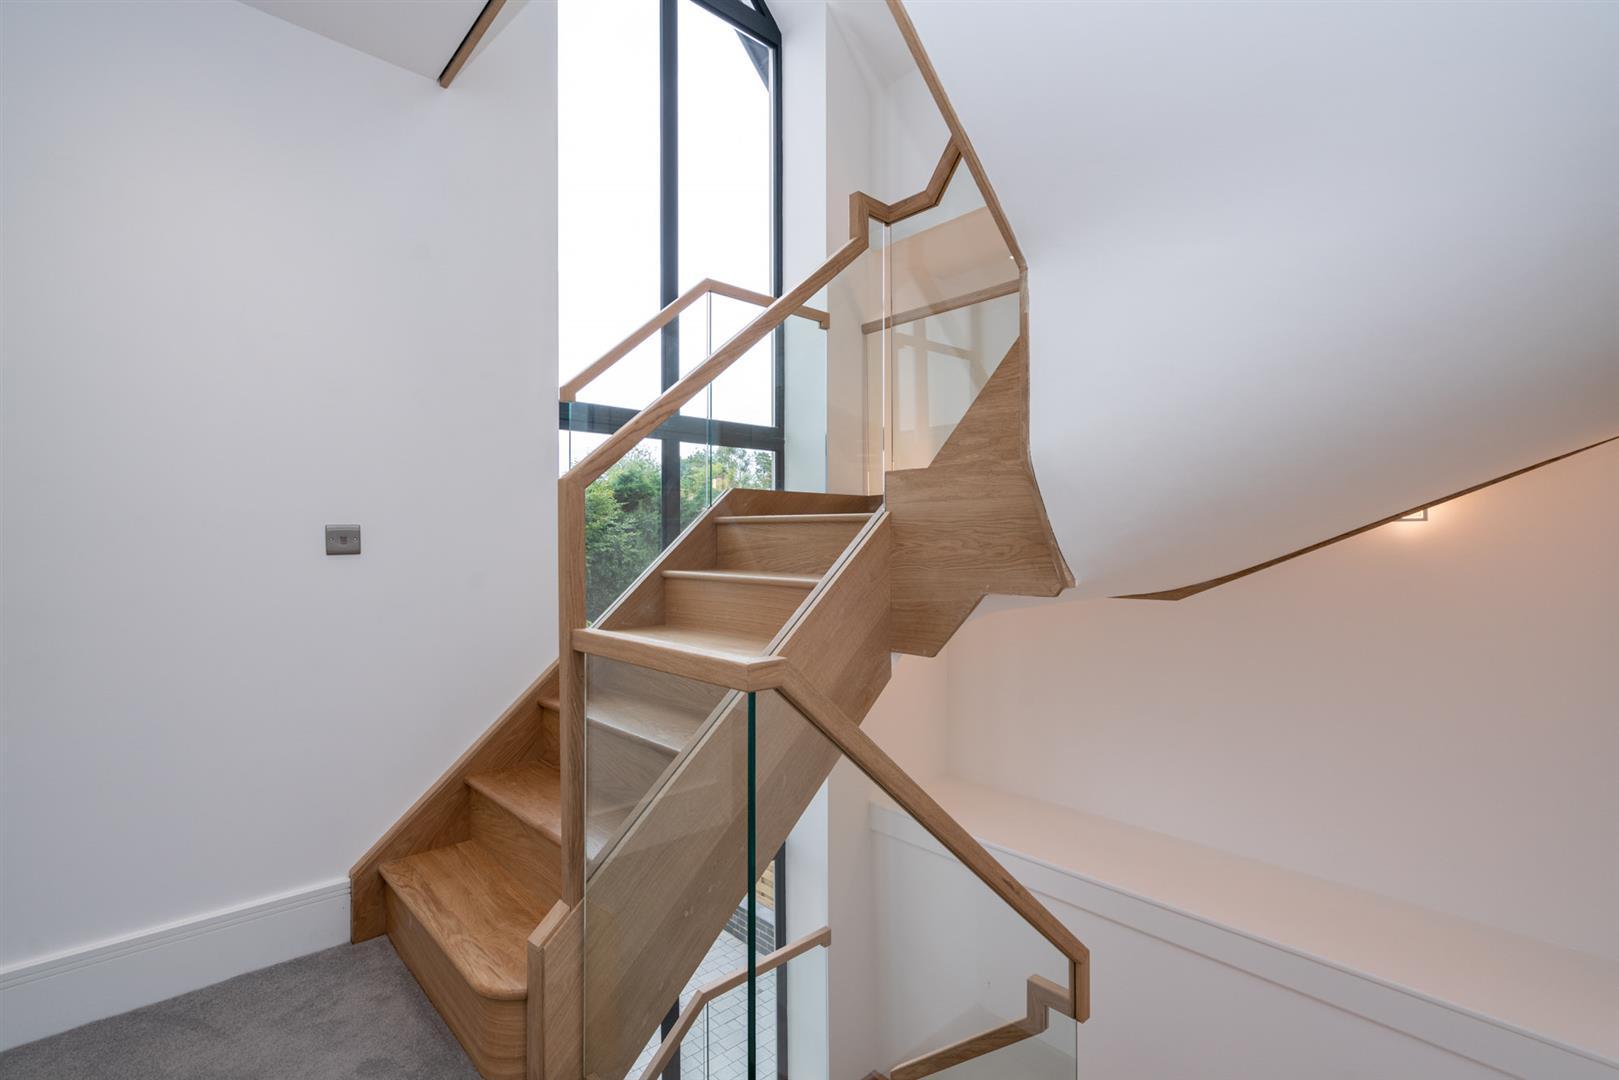 Hillcrest-3164 - 1st floor staircase.jpg